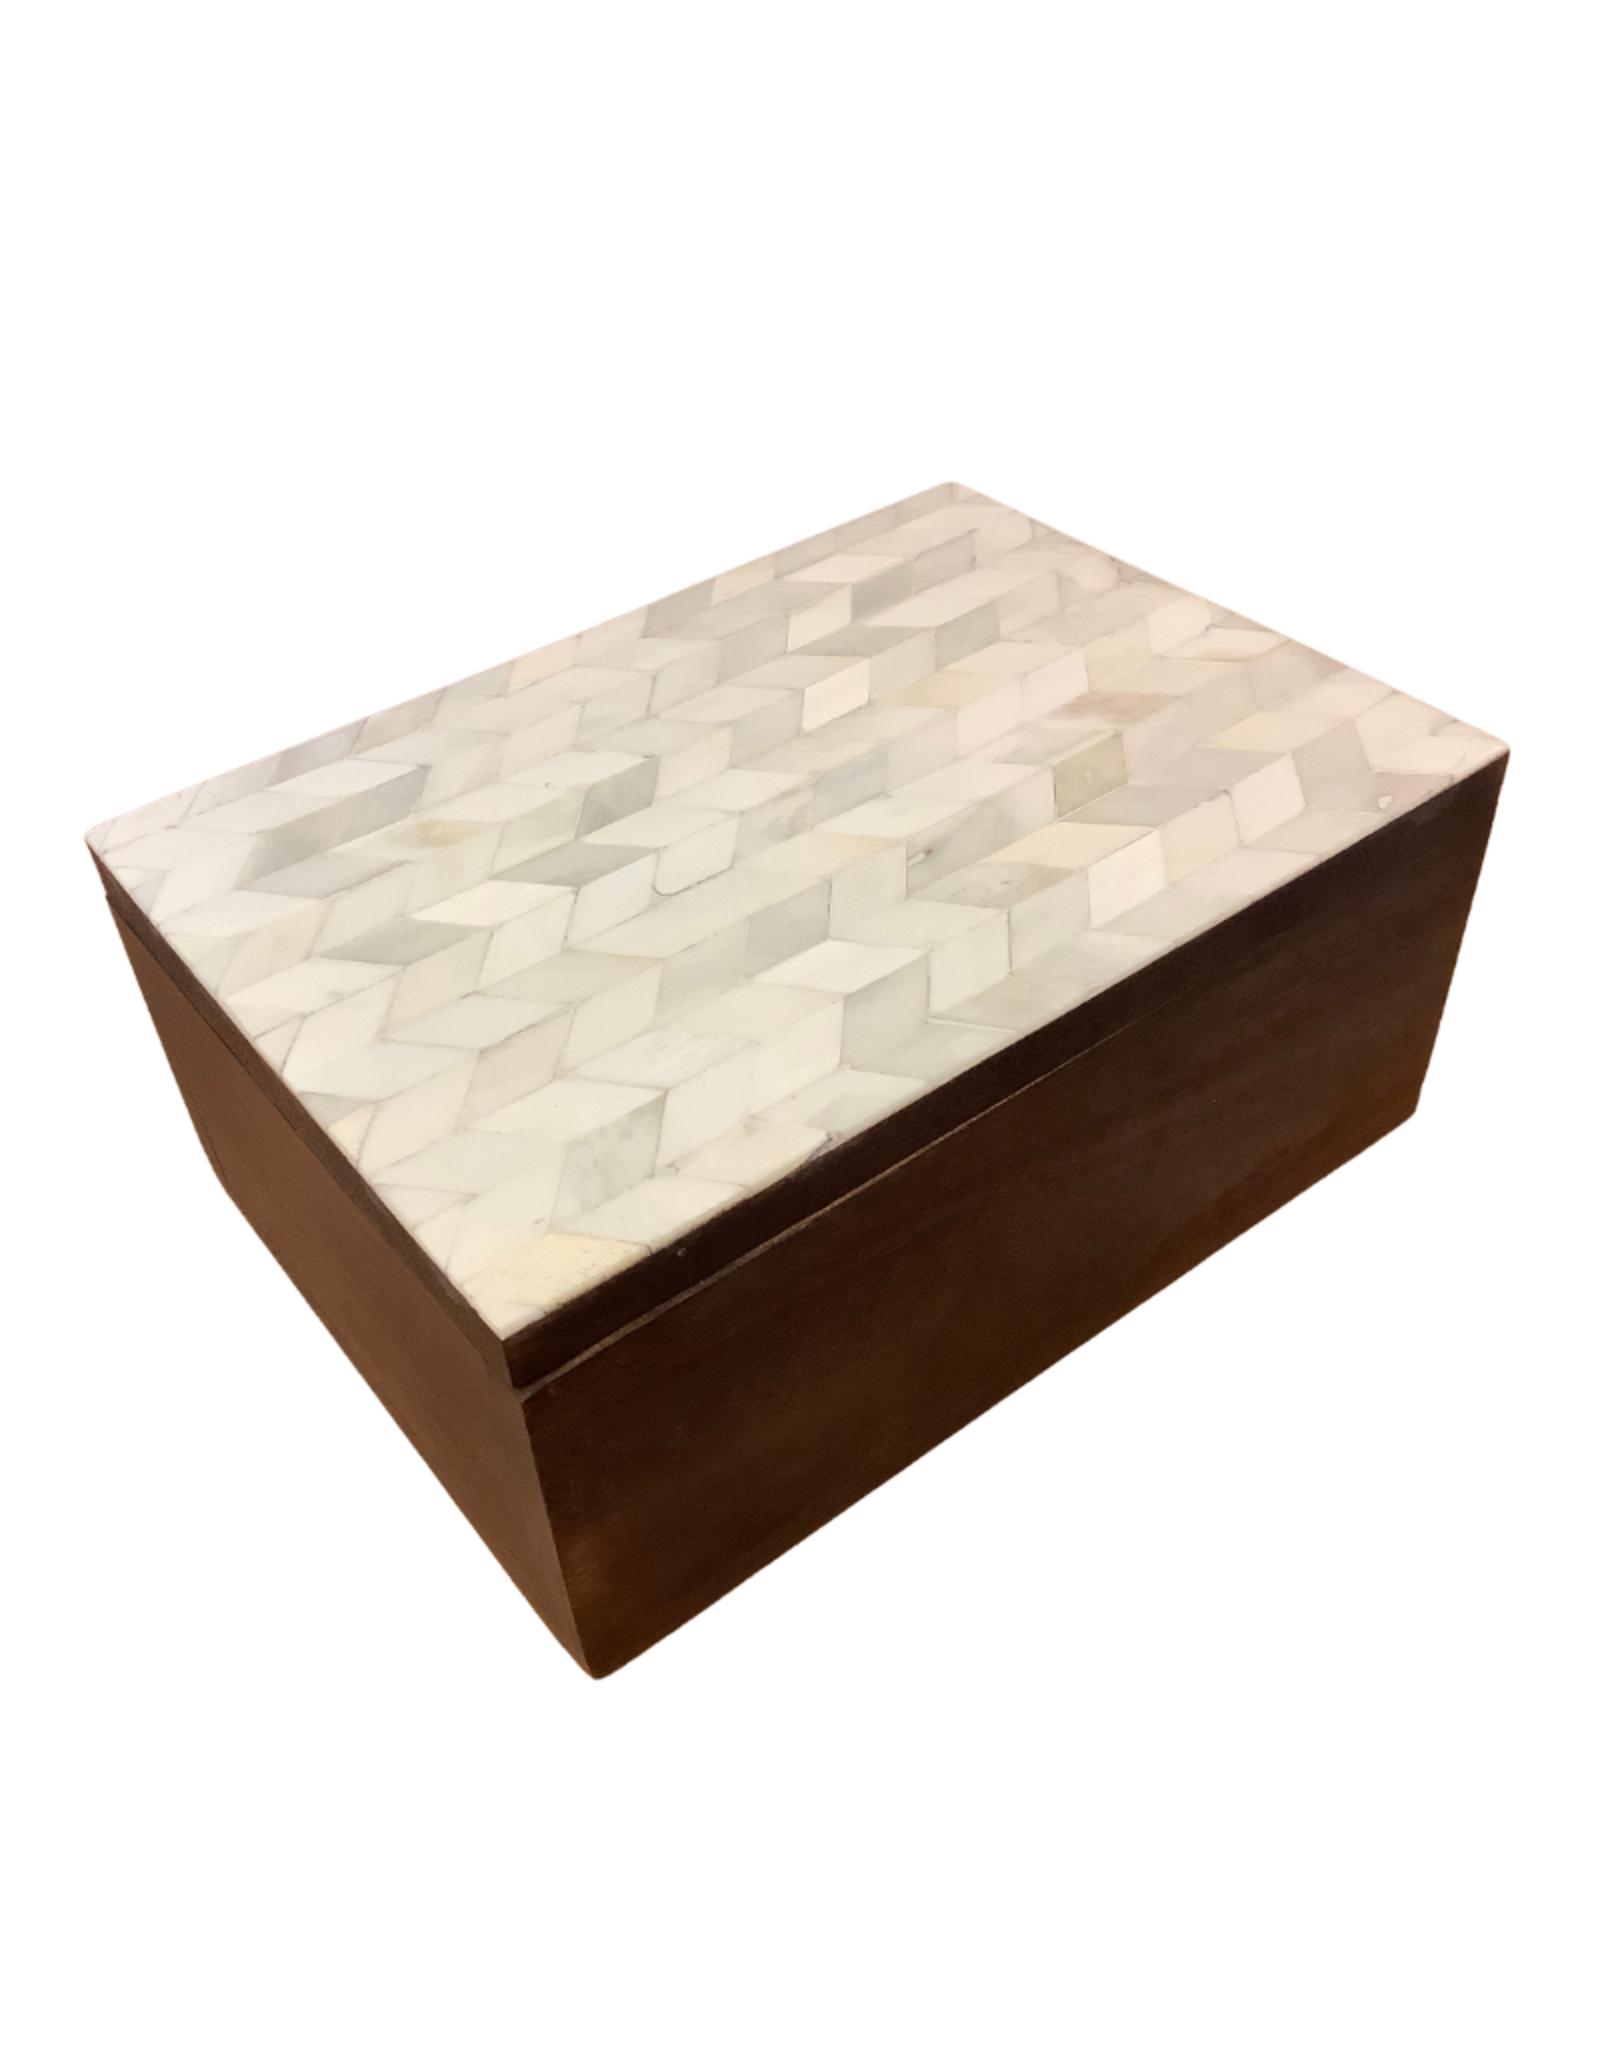 Global Crafts Box, Treasure Artemis-Large Pearl